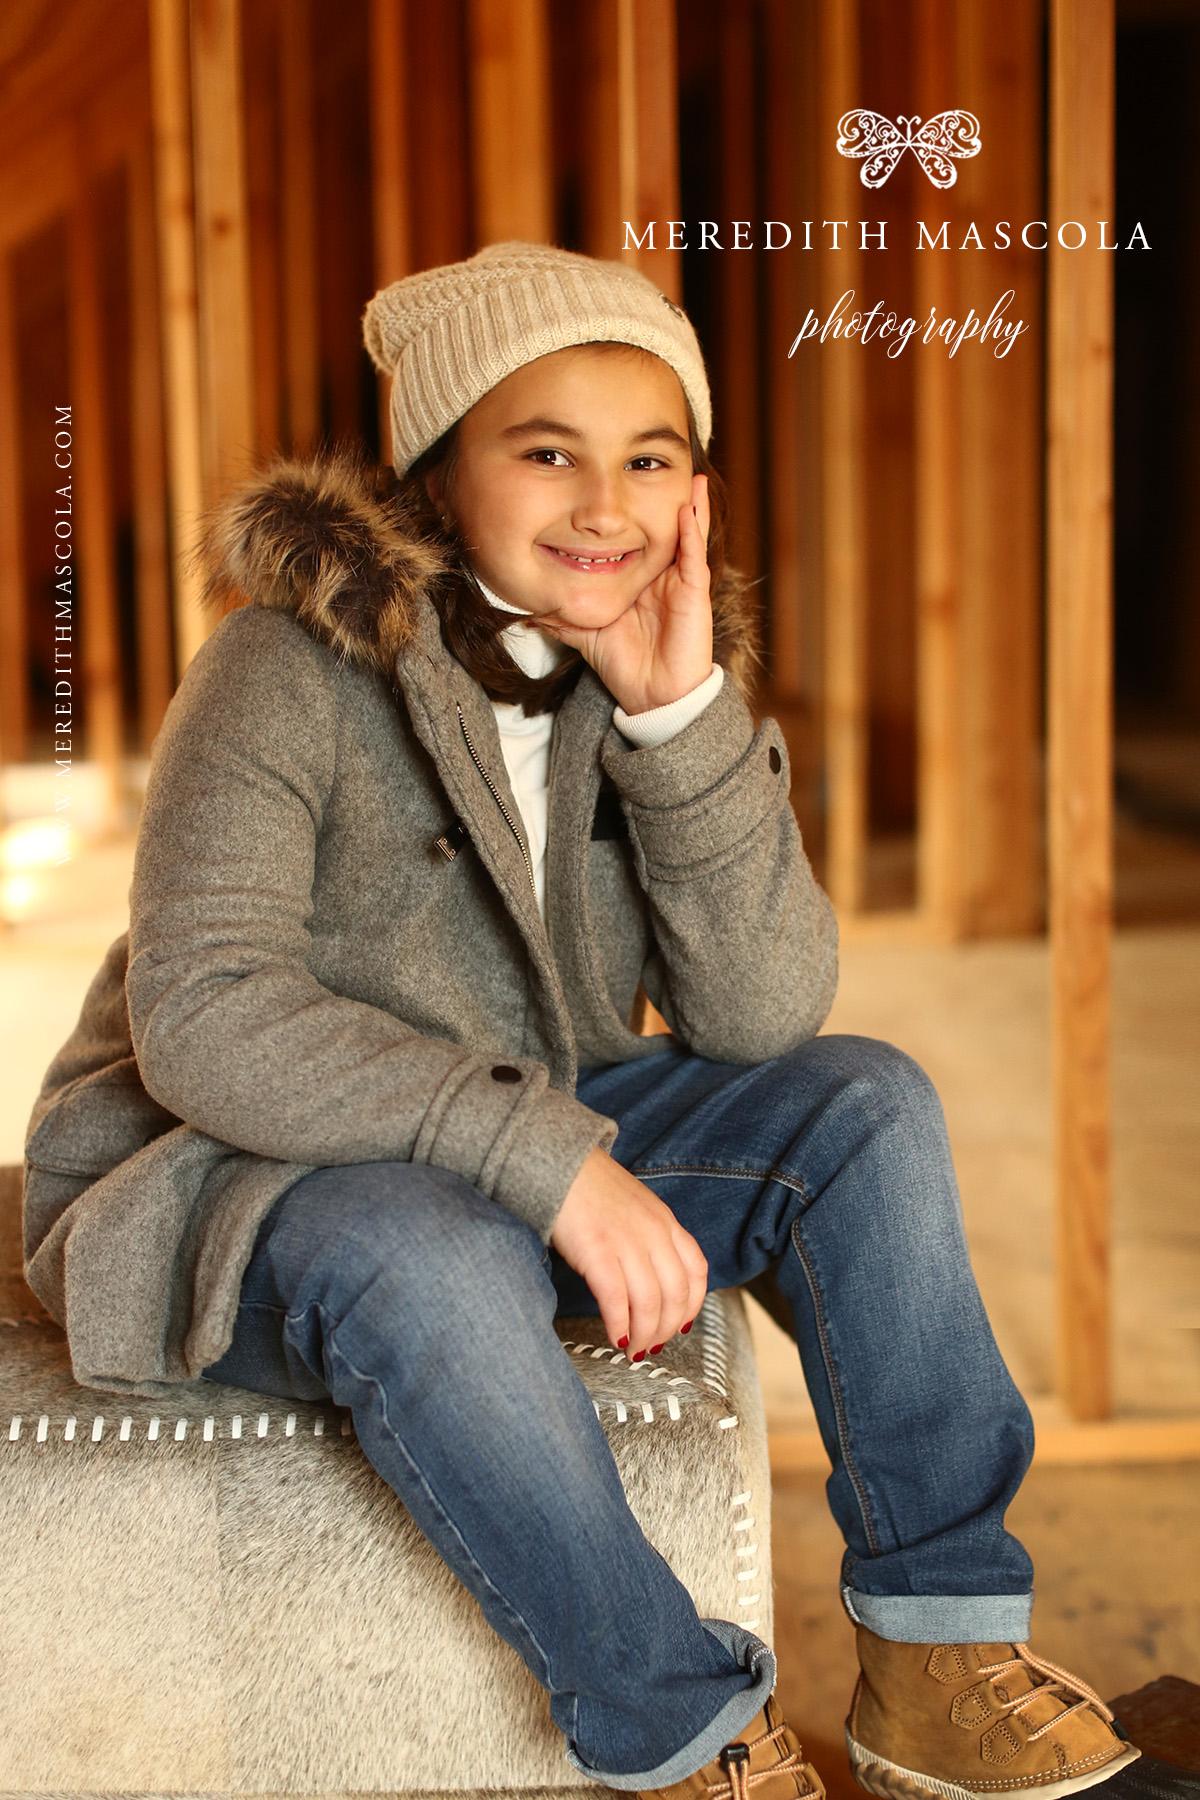 newjerseyfamilyphotographer53.jpg